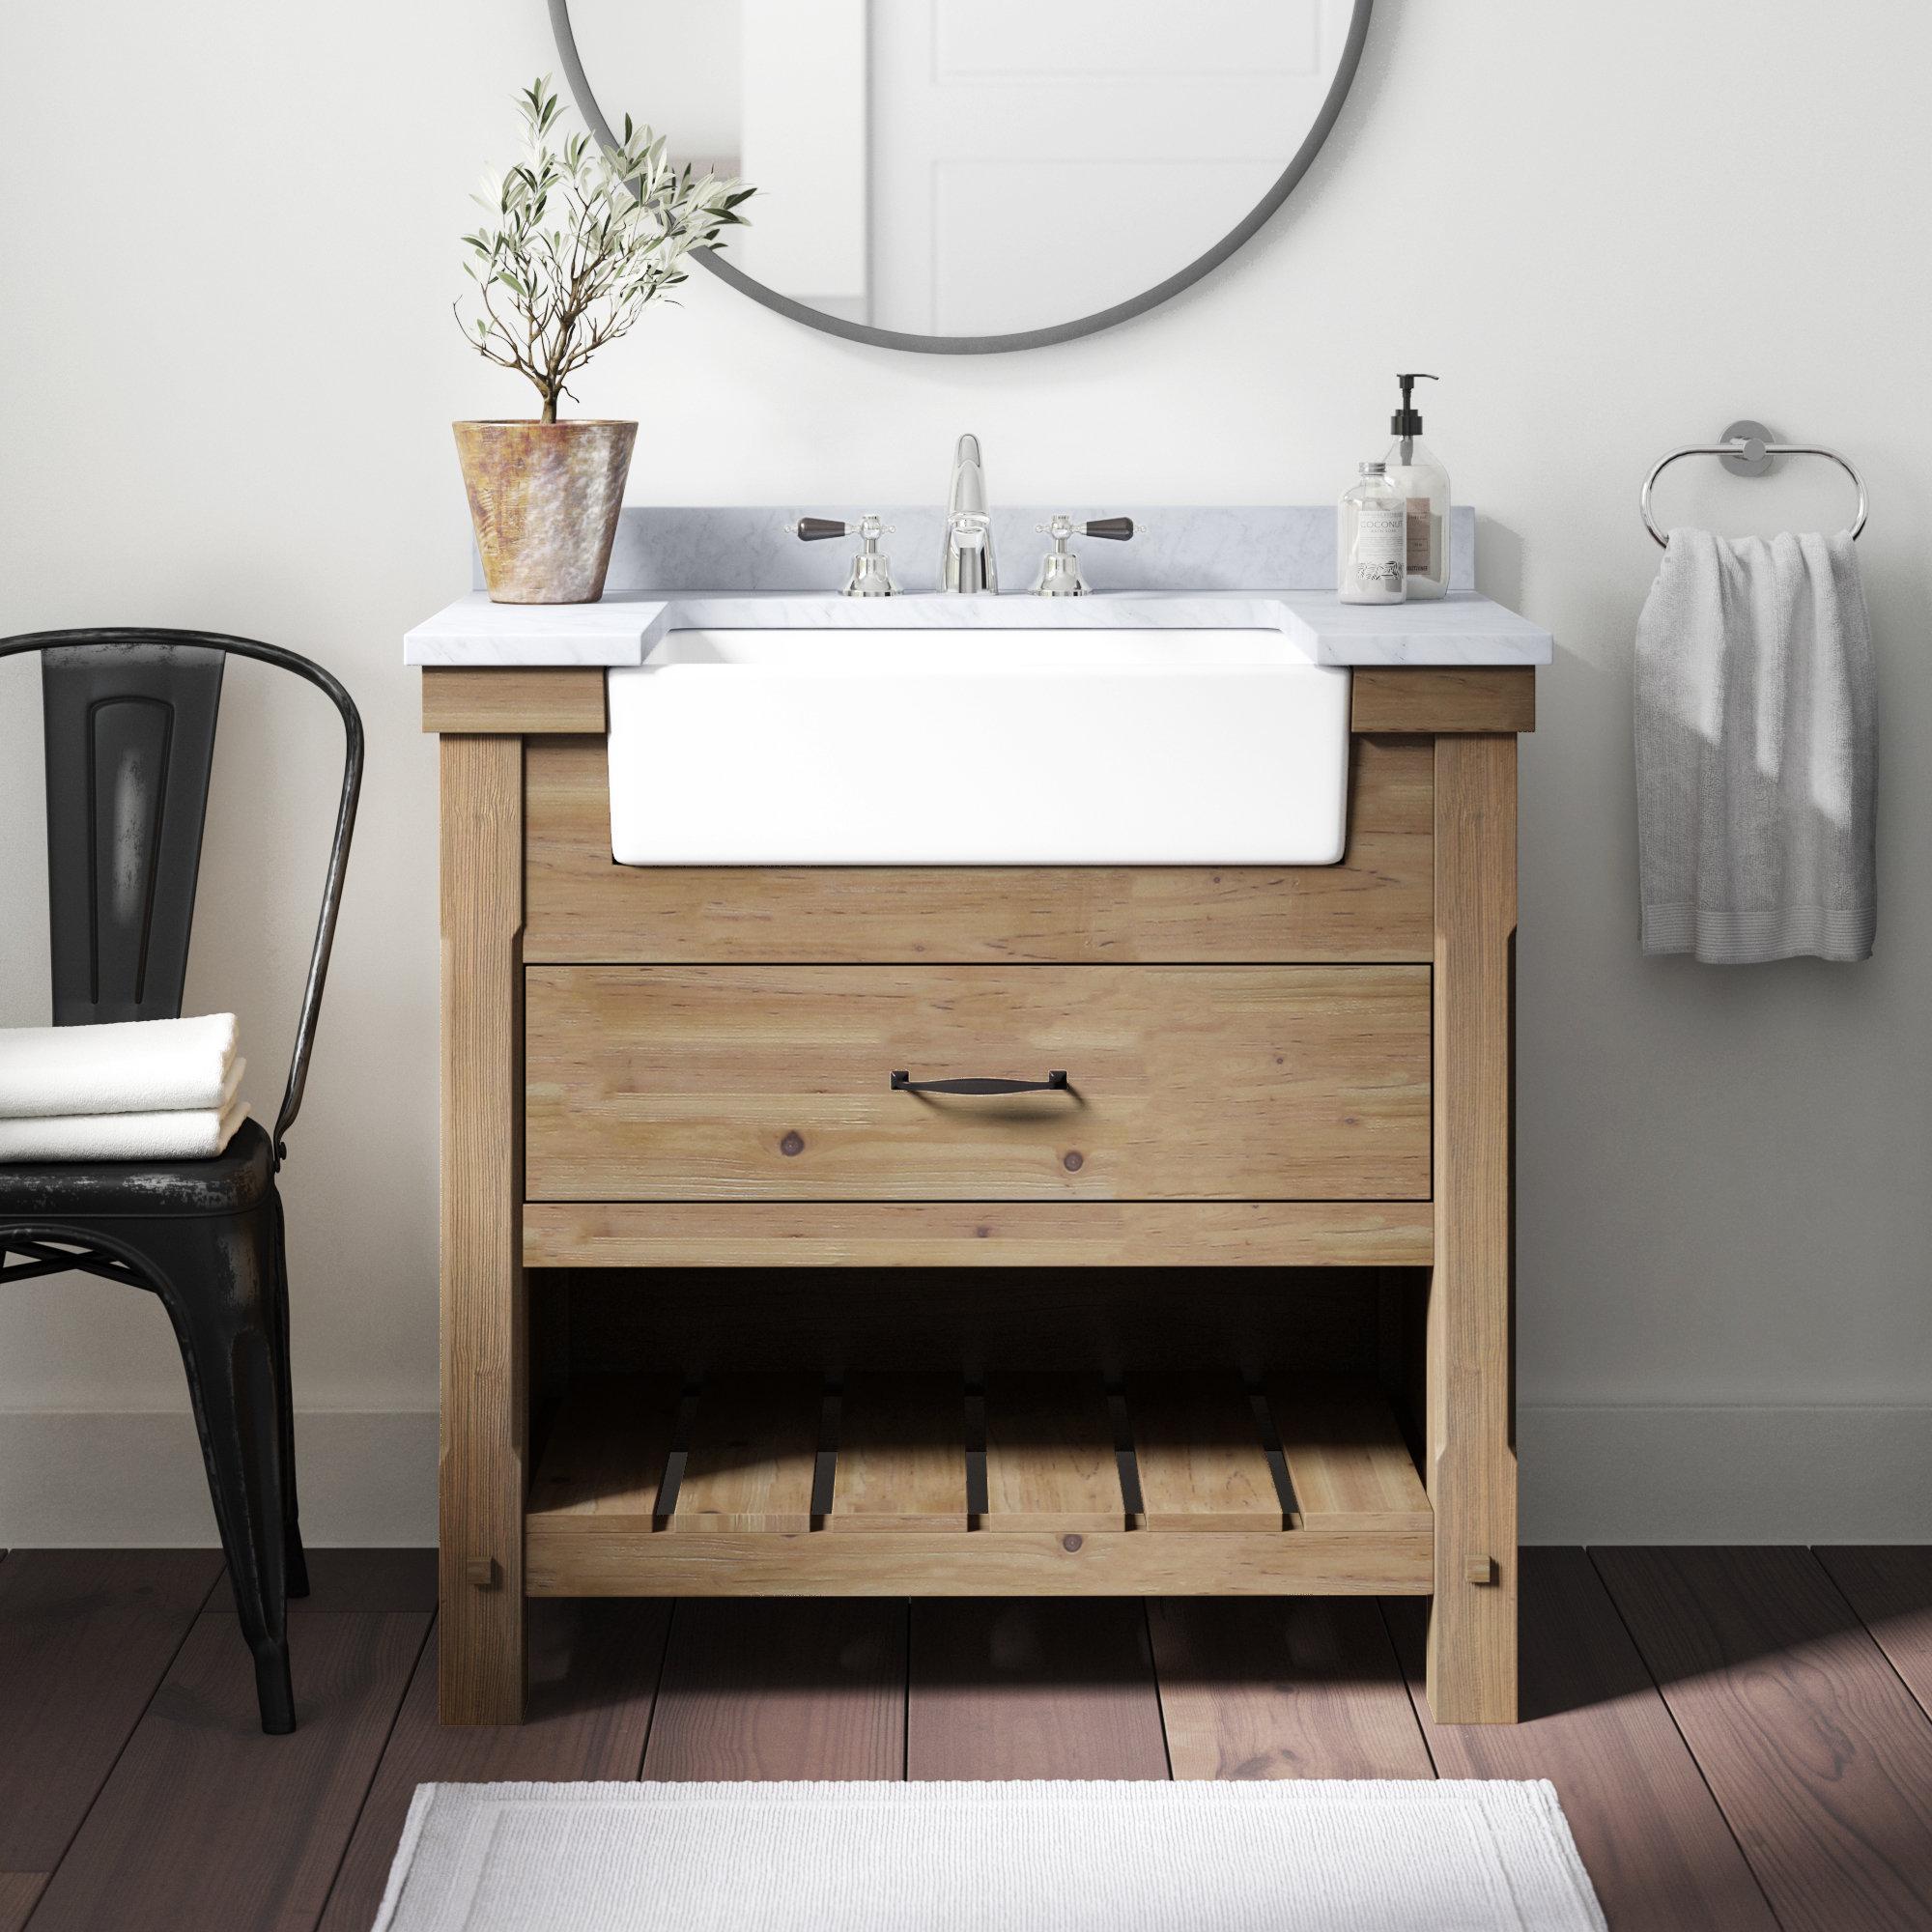 Three Posts Kordell 36 Single Bathroom Vanity Set Reviews Wayfair in dimensions 2000 X 2000